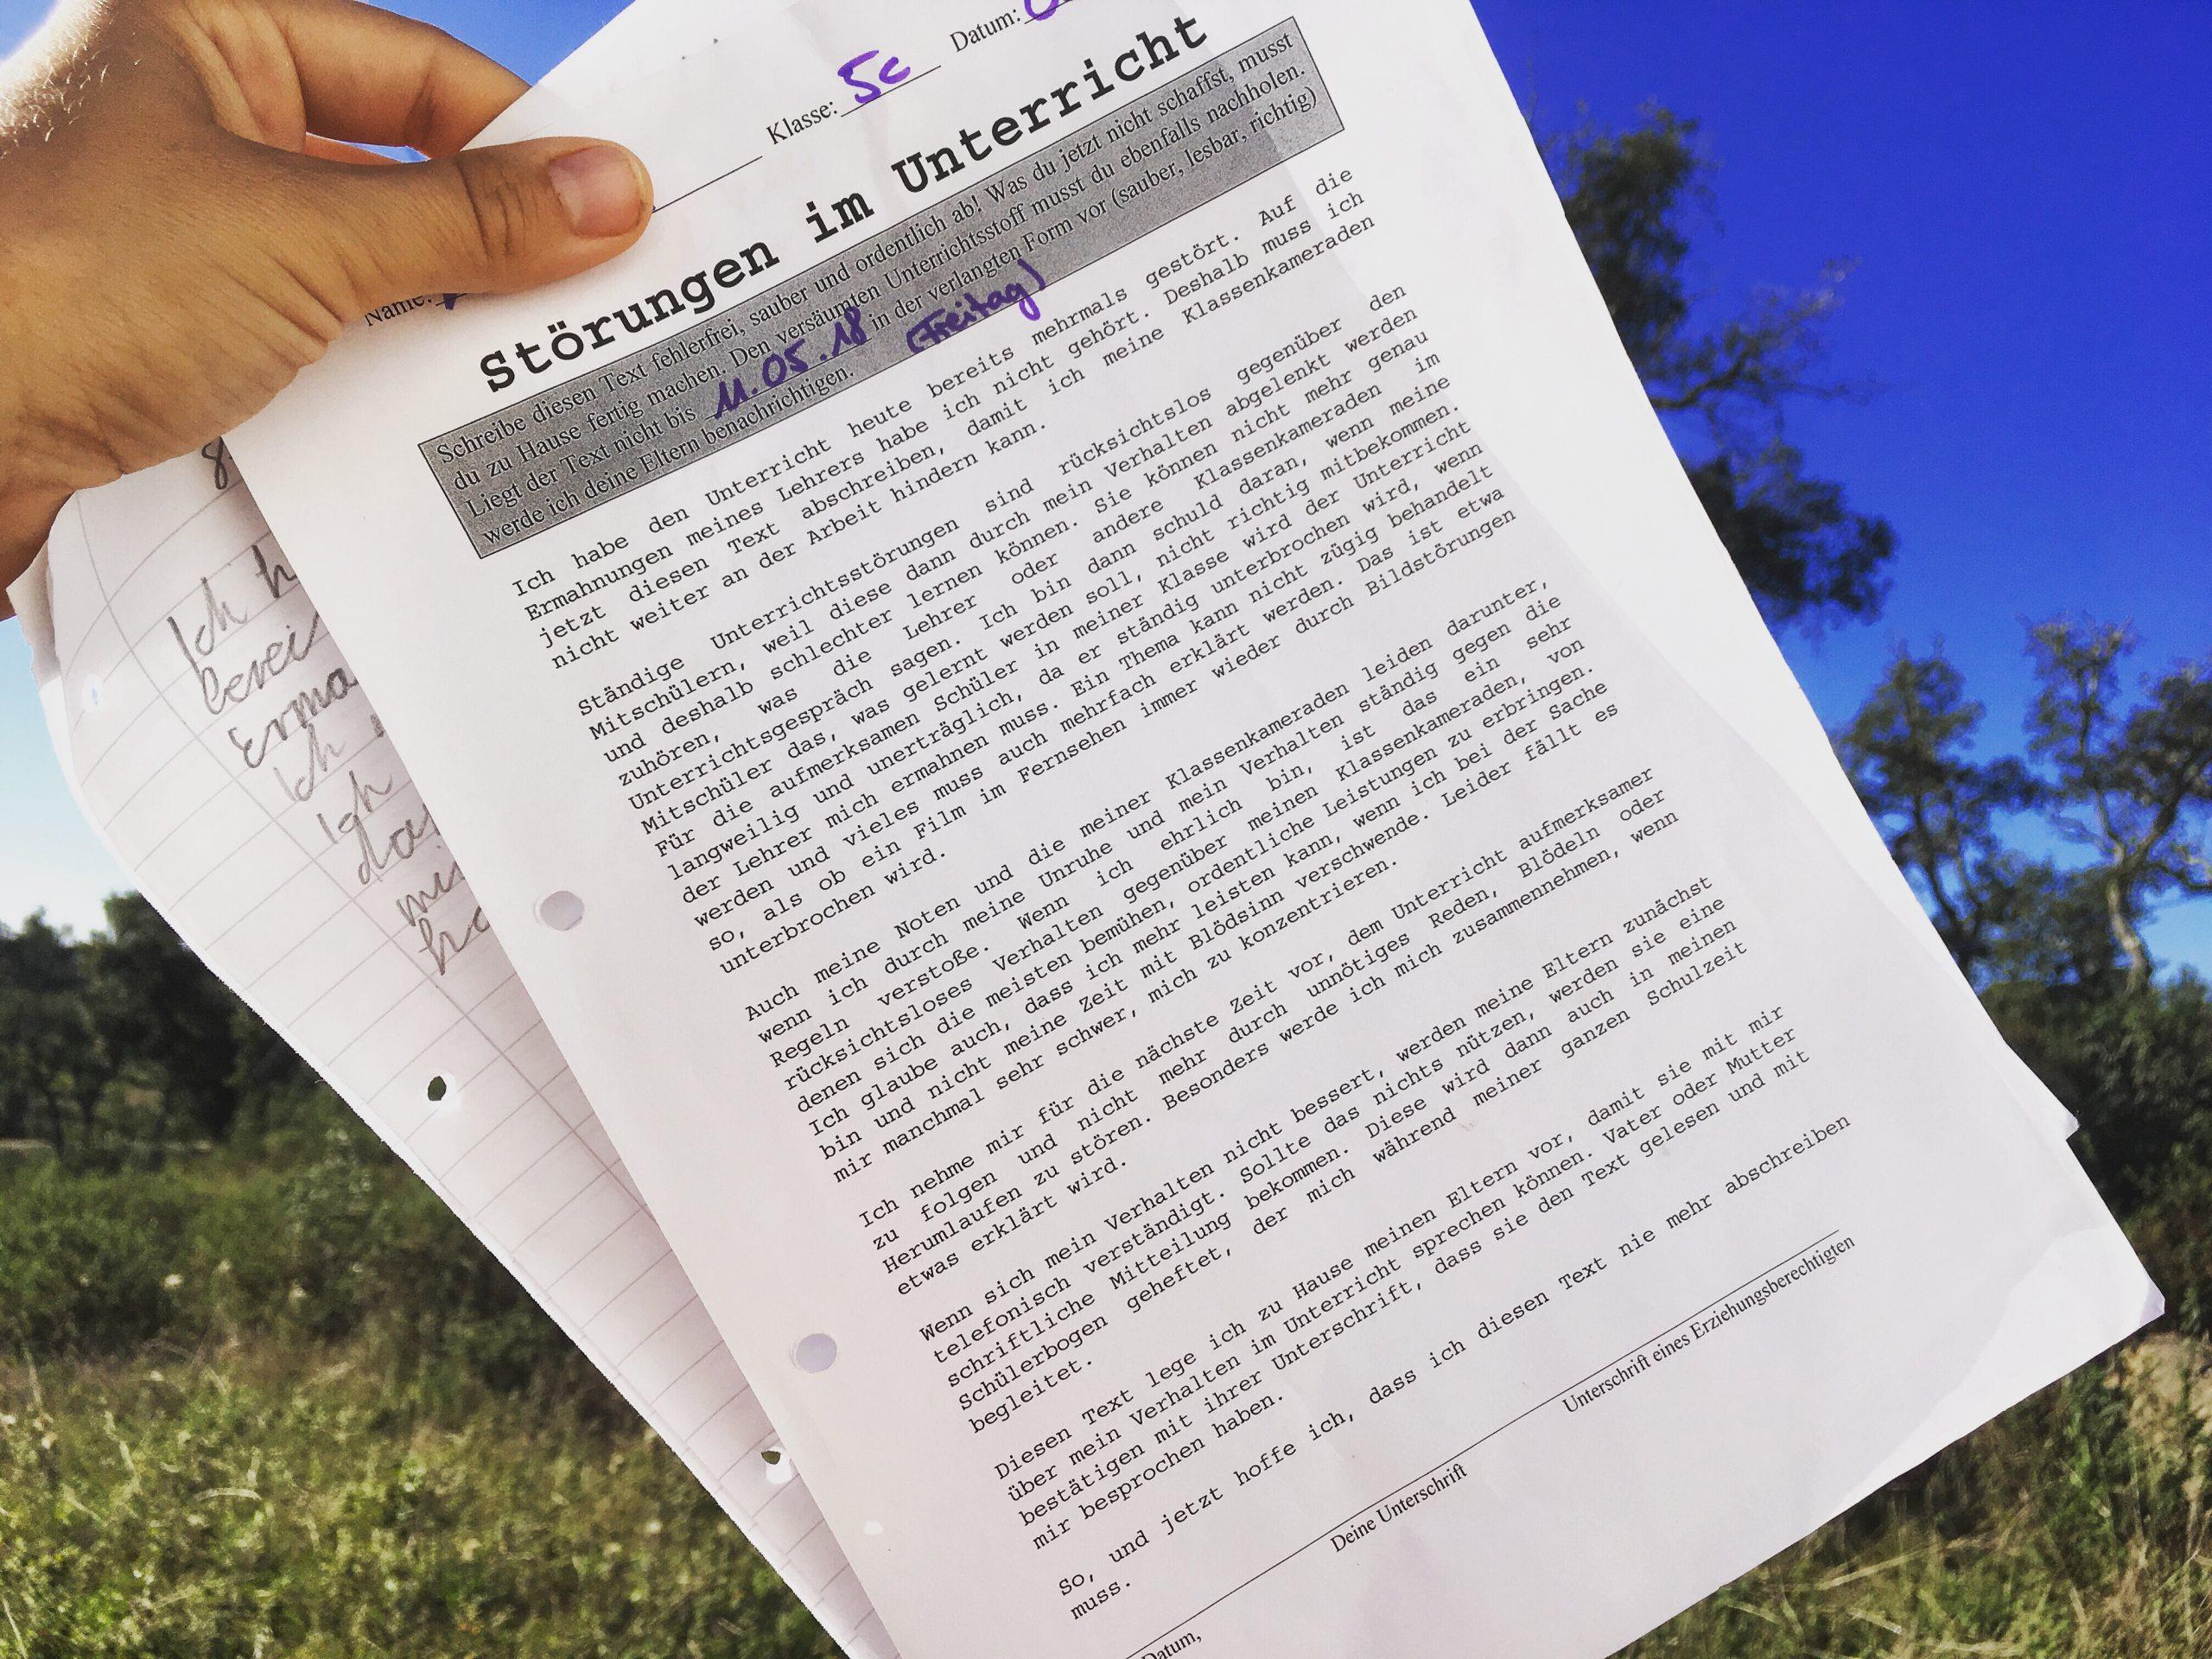 Original Strafarbeit Schule - Störung Im Unterricht bestimmt für Strafarbeit Warum Darf Ich Im Unterricht Nicht Reden